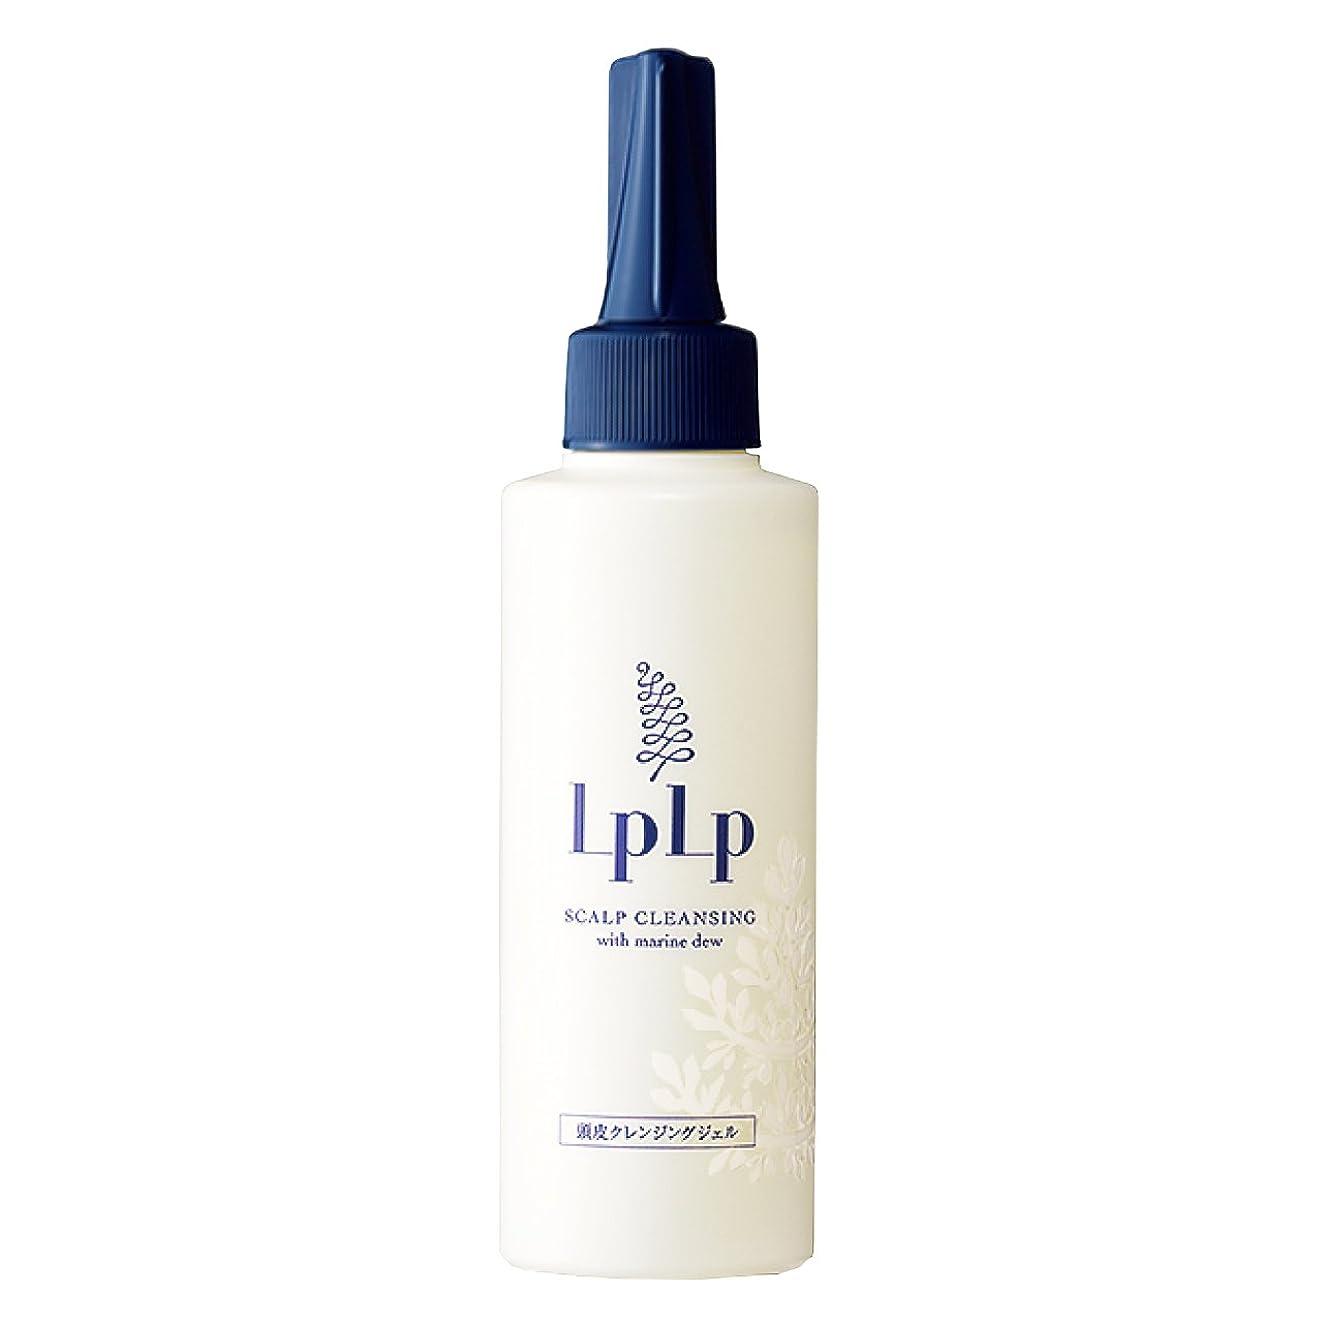 緩む専制ストッキングLPLP(ルプルプ) 頭皮クレンジングジェル 150ml